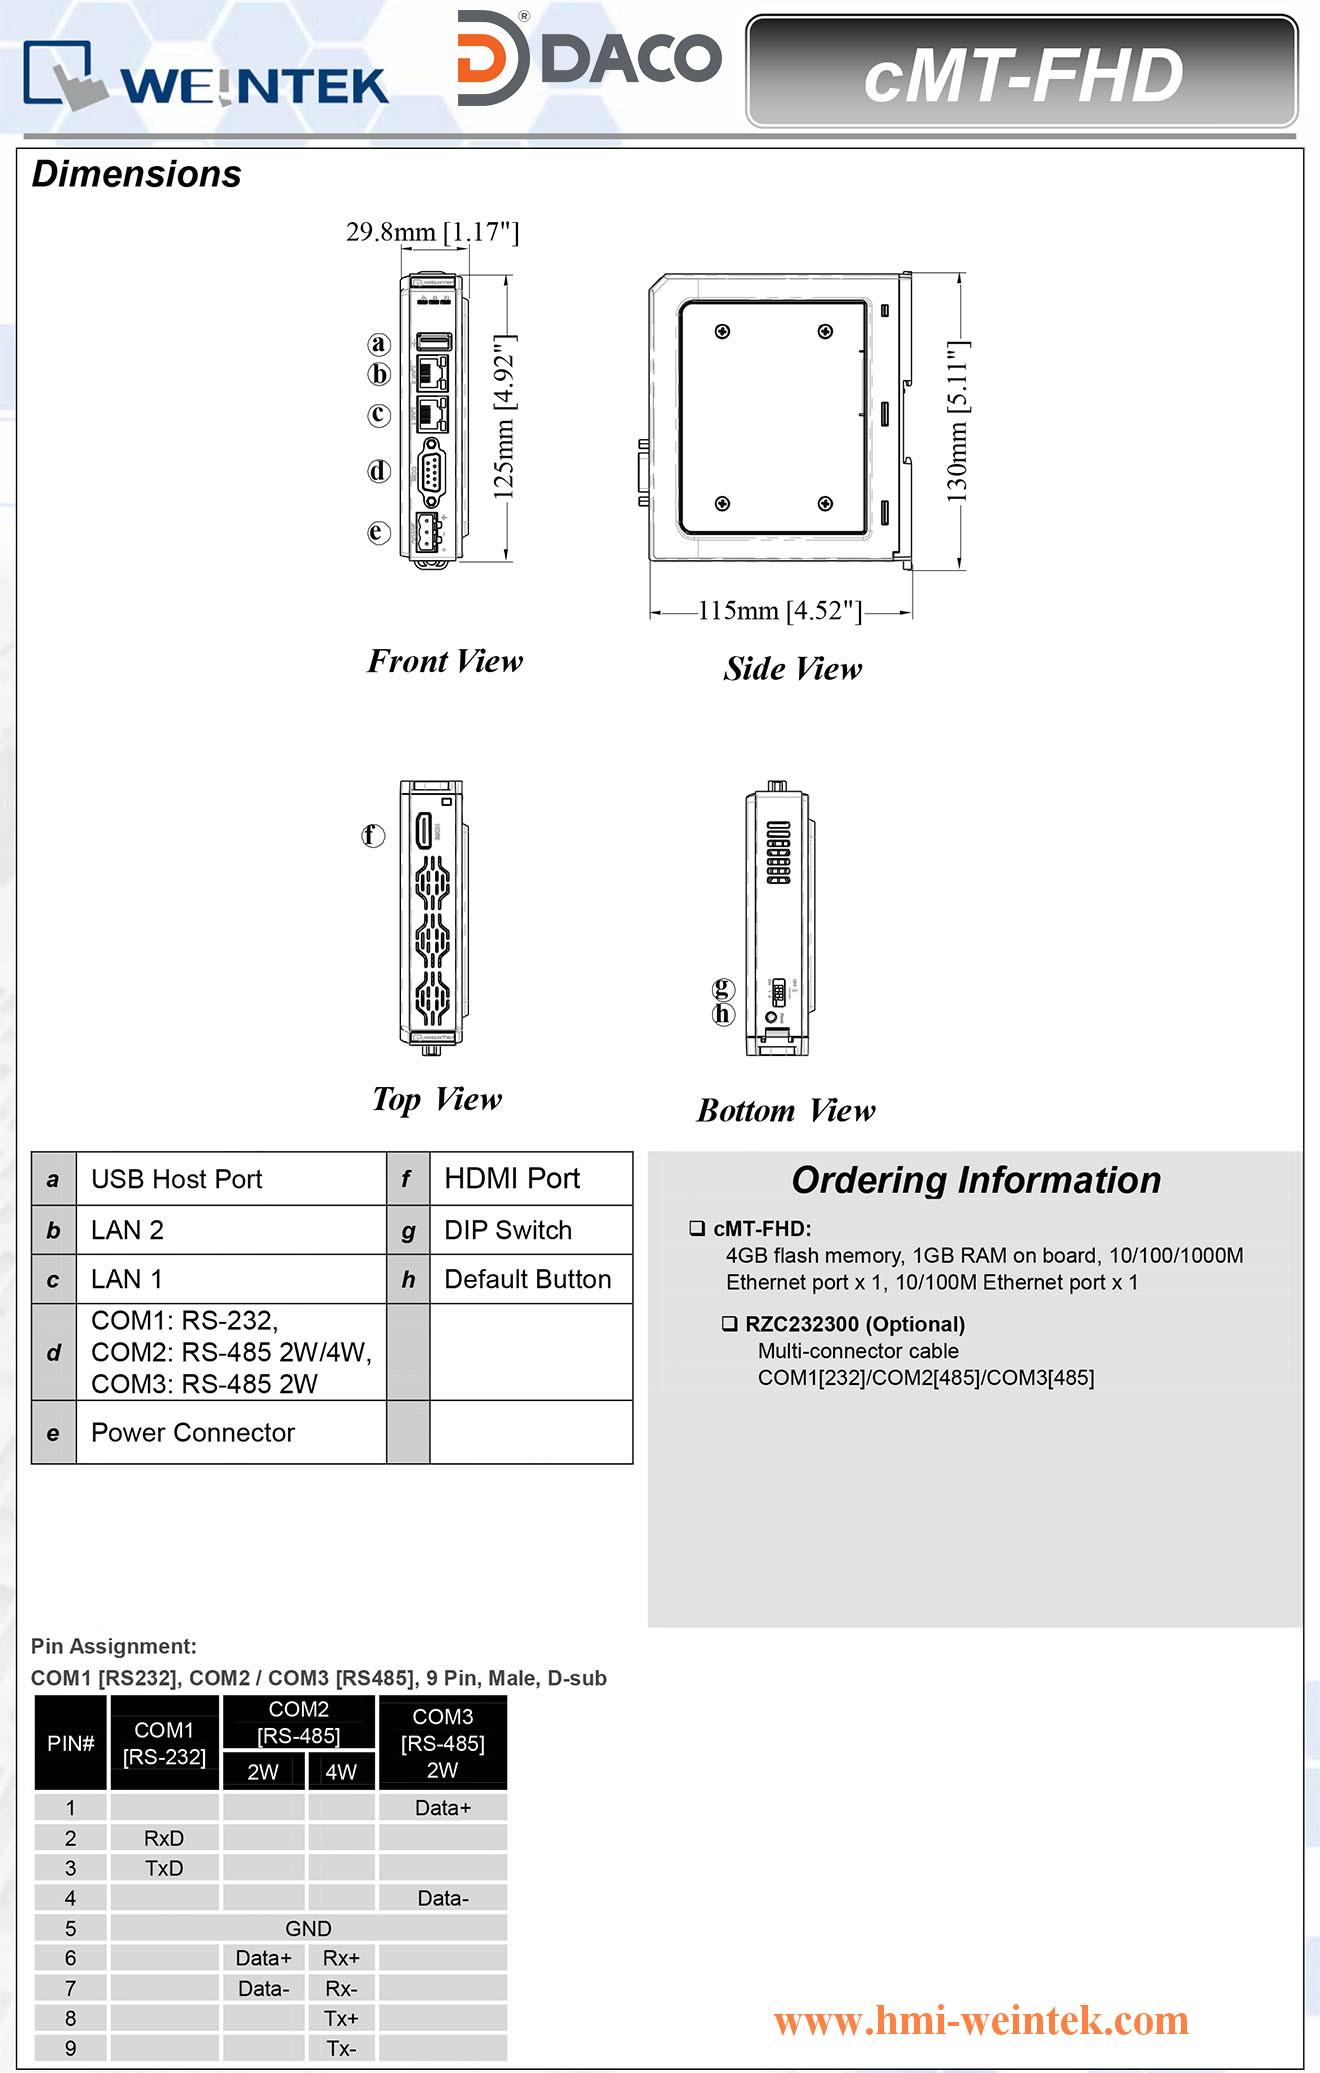 cMT-FHD_Dimension Bo dieu khien hien thi giao tiep man hinh Tivi LCD HDMI